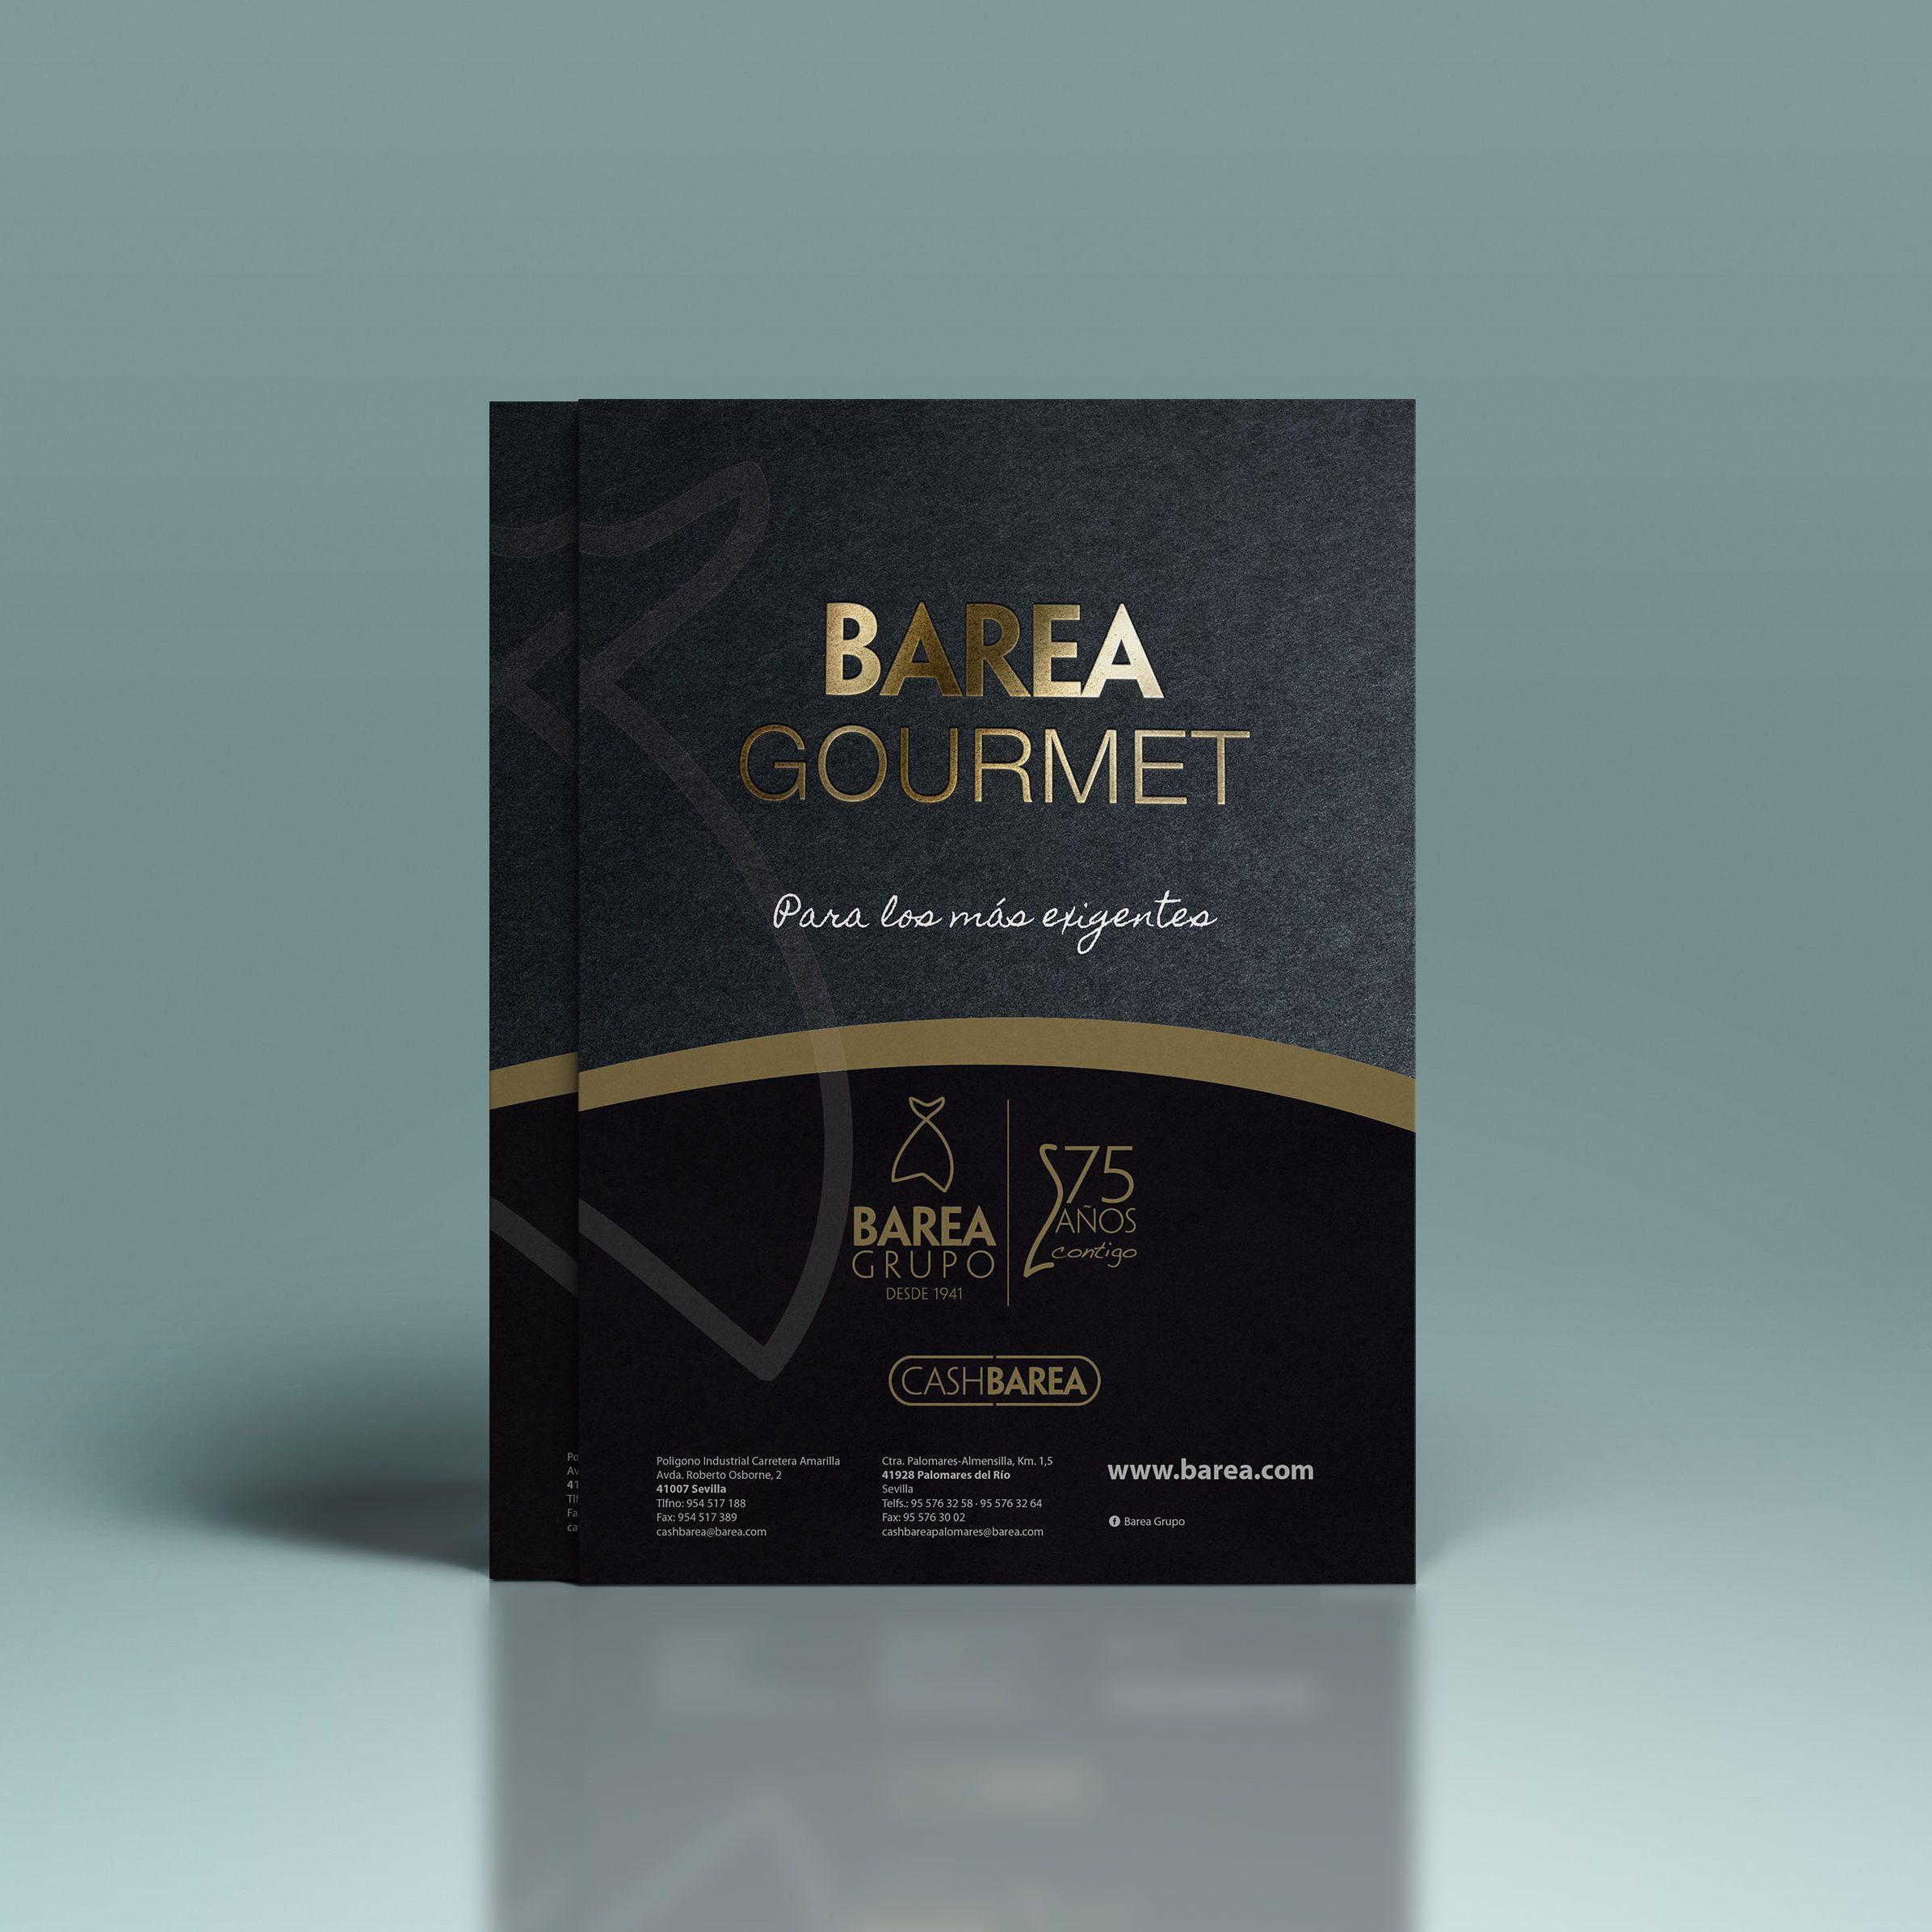 anuncio_gourmet_bacalao_barea_grupo_textura